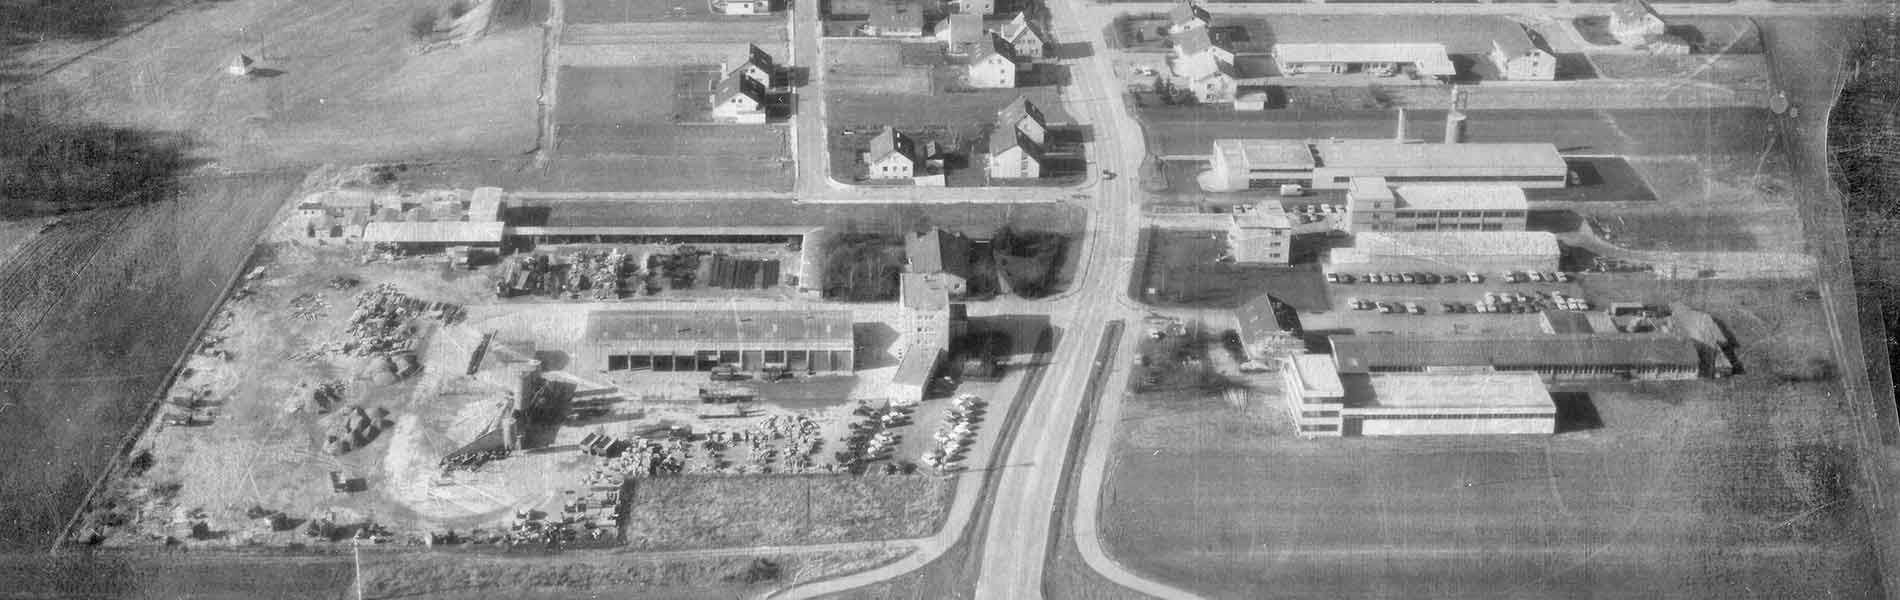 Luftbild Flammer Bauunternehmung Mössingen